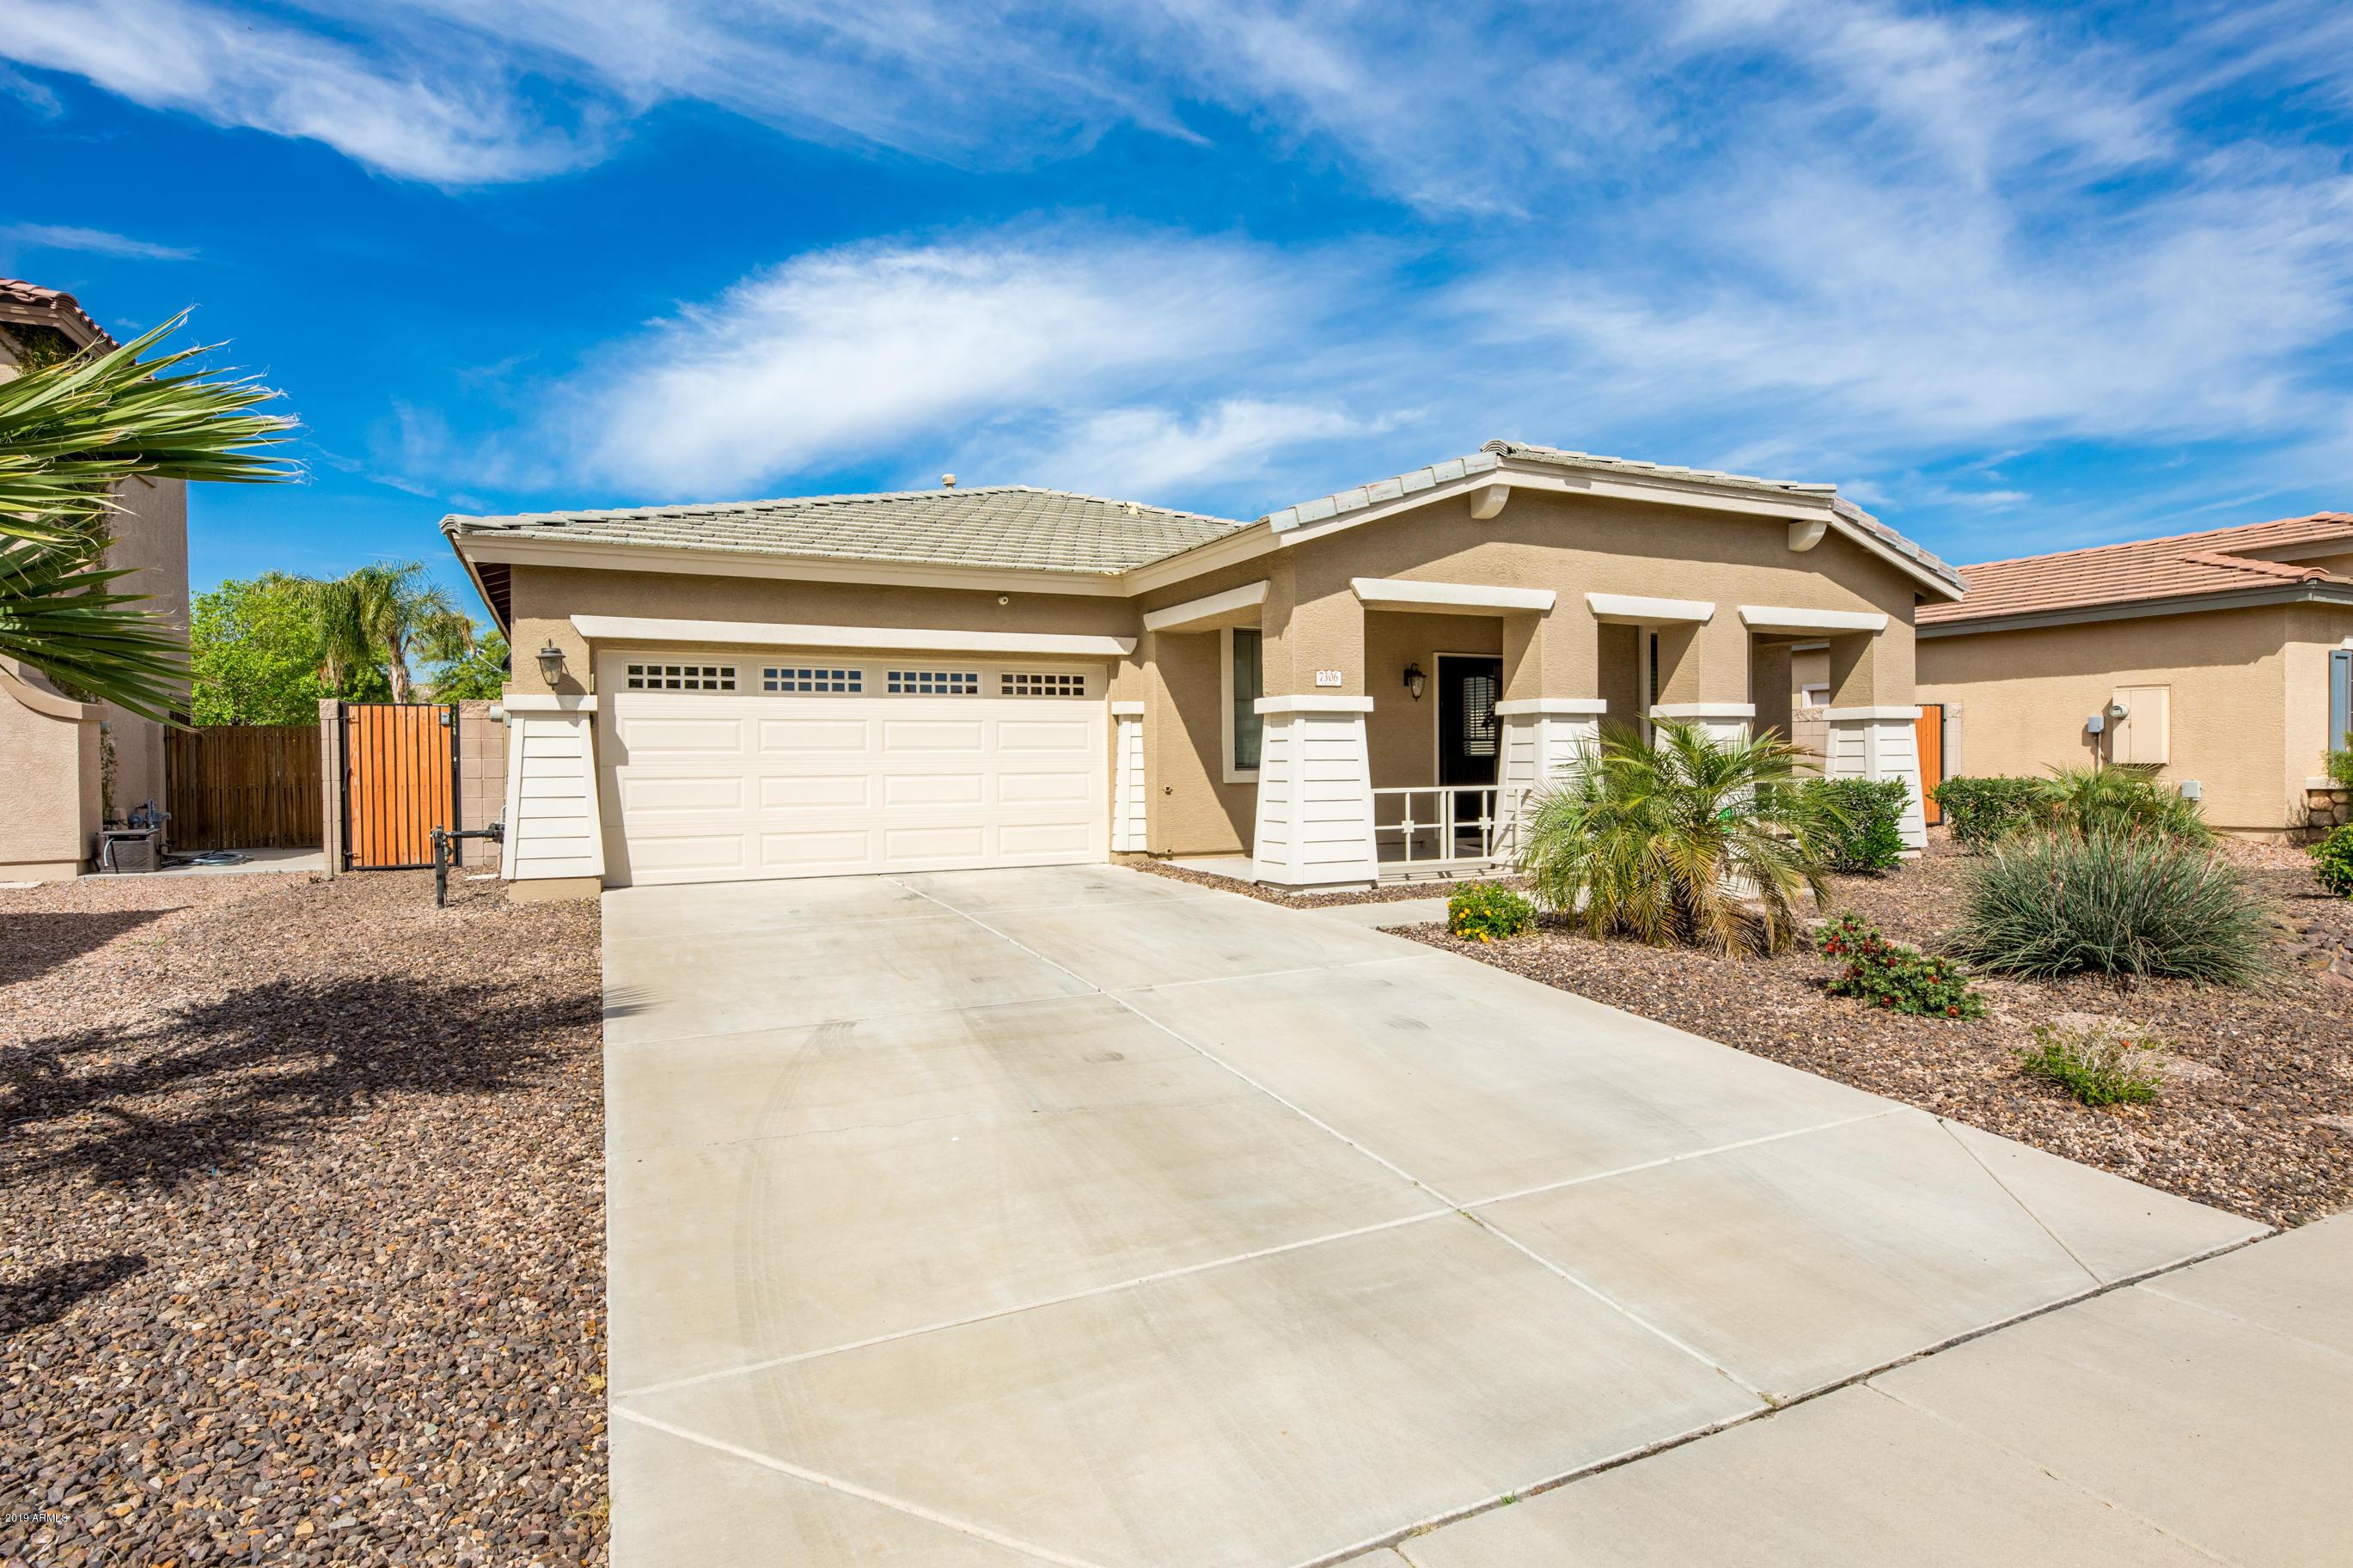 7306 N 88th Lane, Glendale AZ 85305 - Photo 2